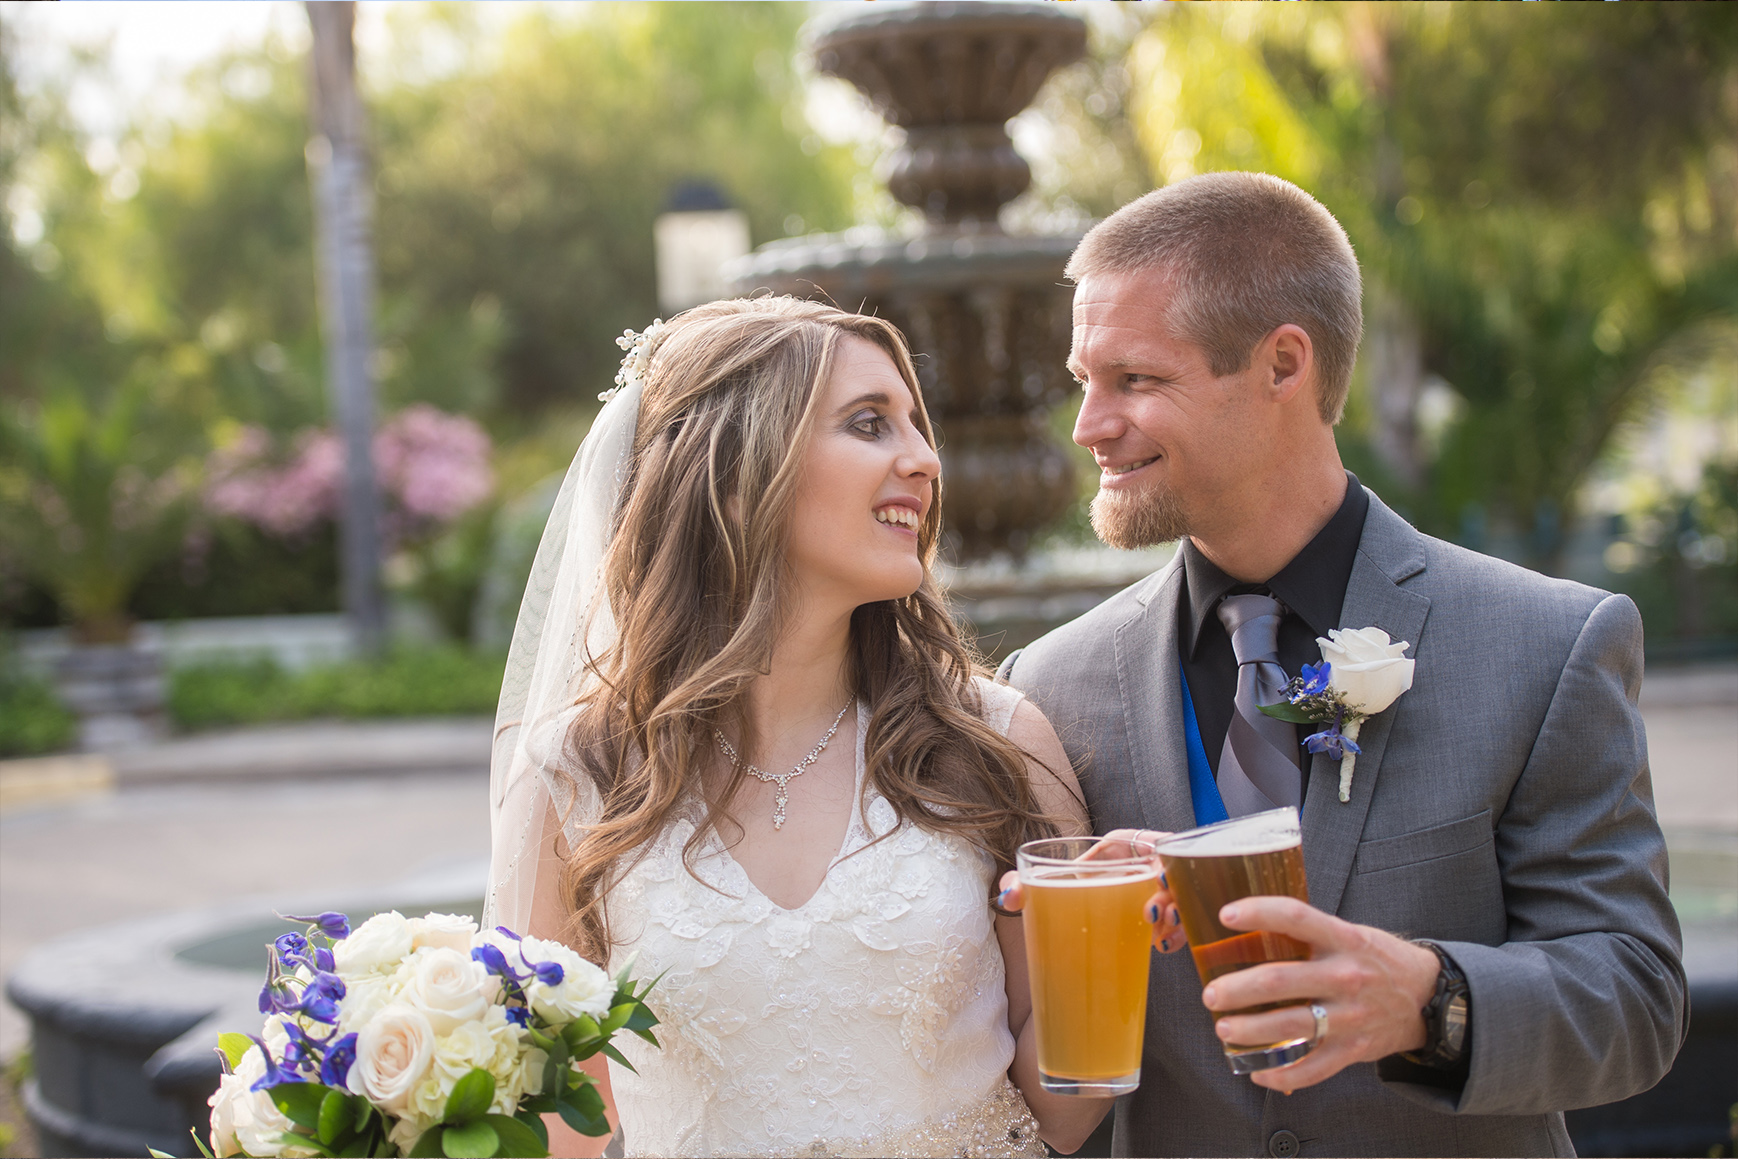 Cheers - Menifee Lakes - Menifee, California - Riverside County - Wedgewood Weddings